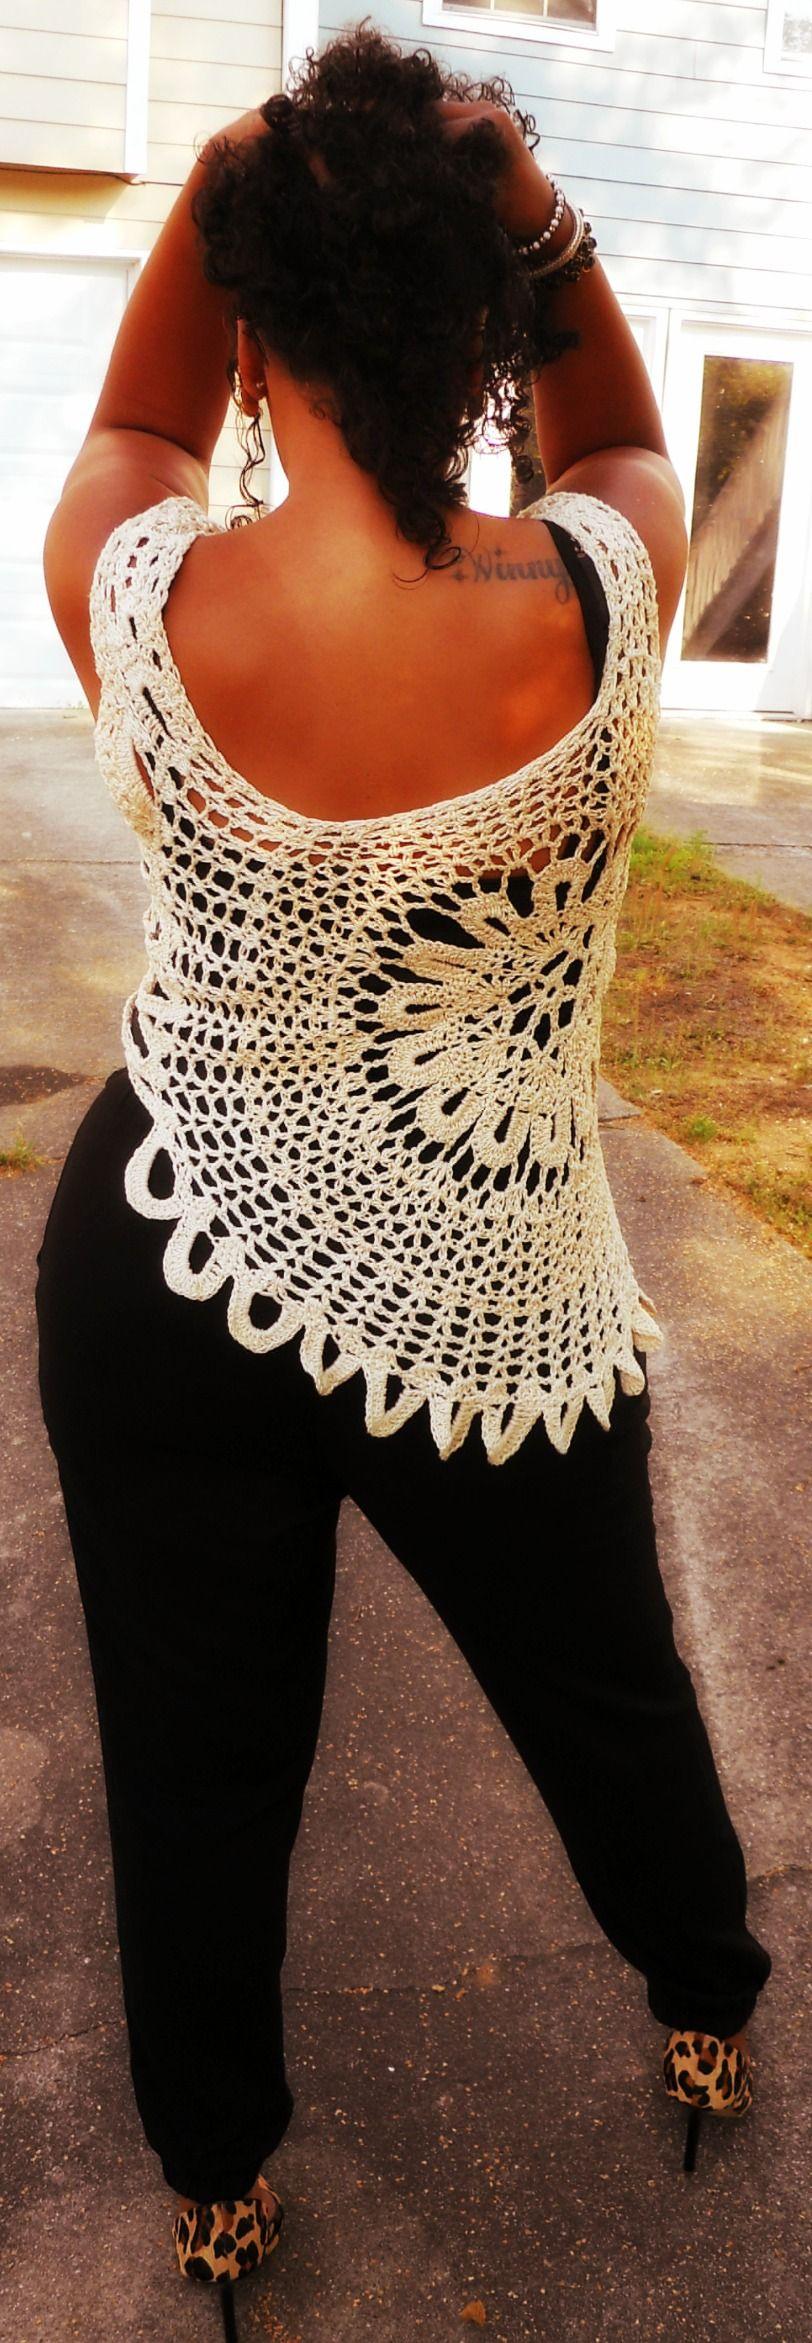 Lace Tank Top (Plus Size) pattern by Gu\'Chet | Tejido, Blusas y ...